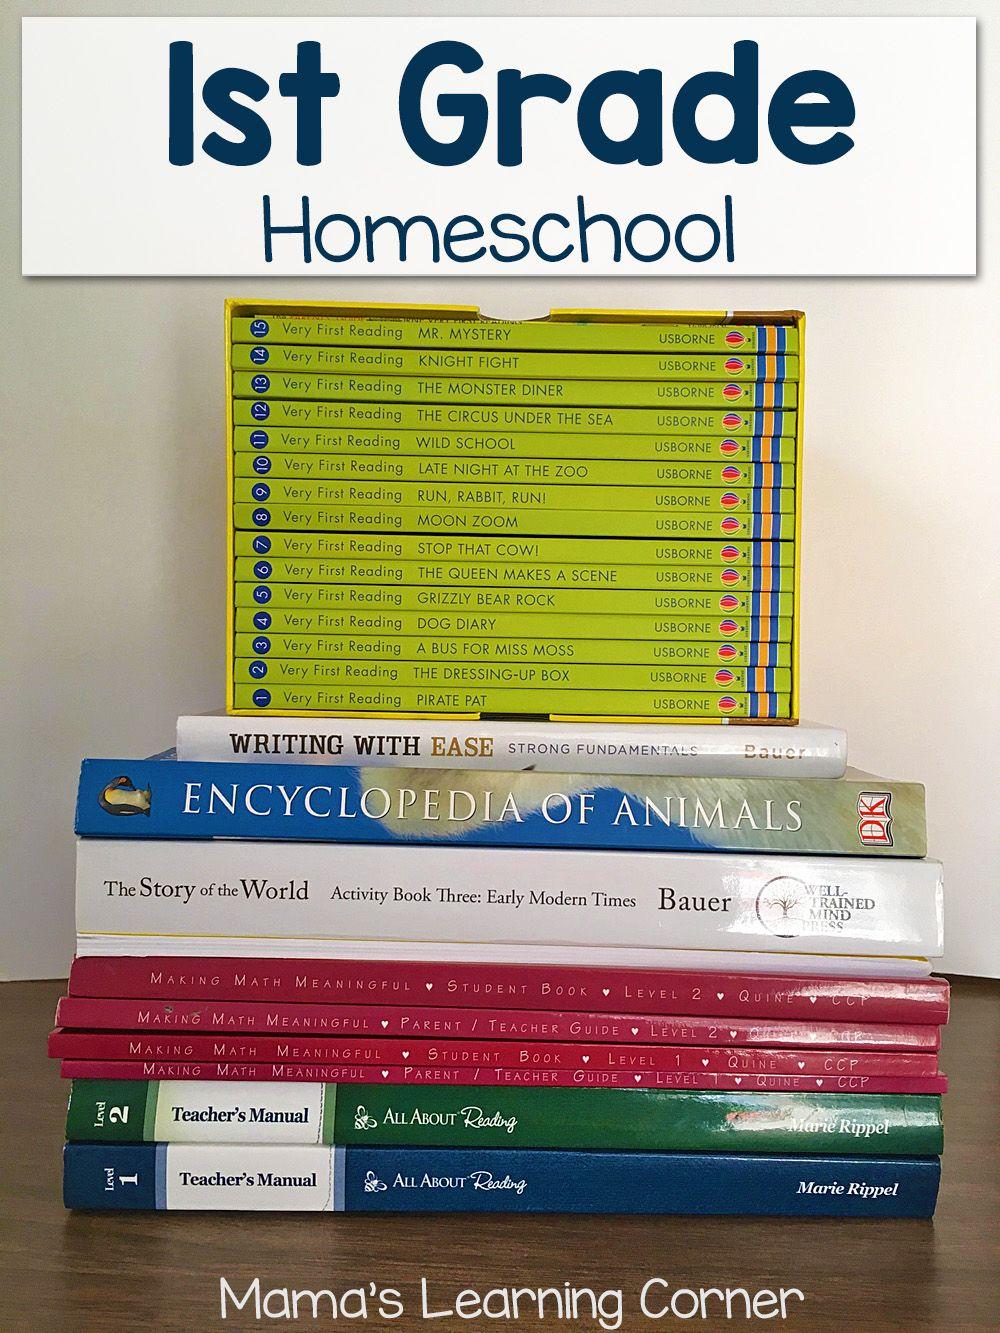 First Grade Homeschool Curriculum Plans For 2017 2018